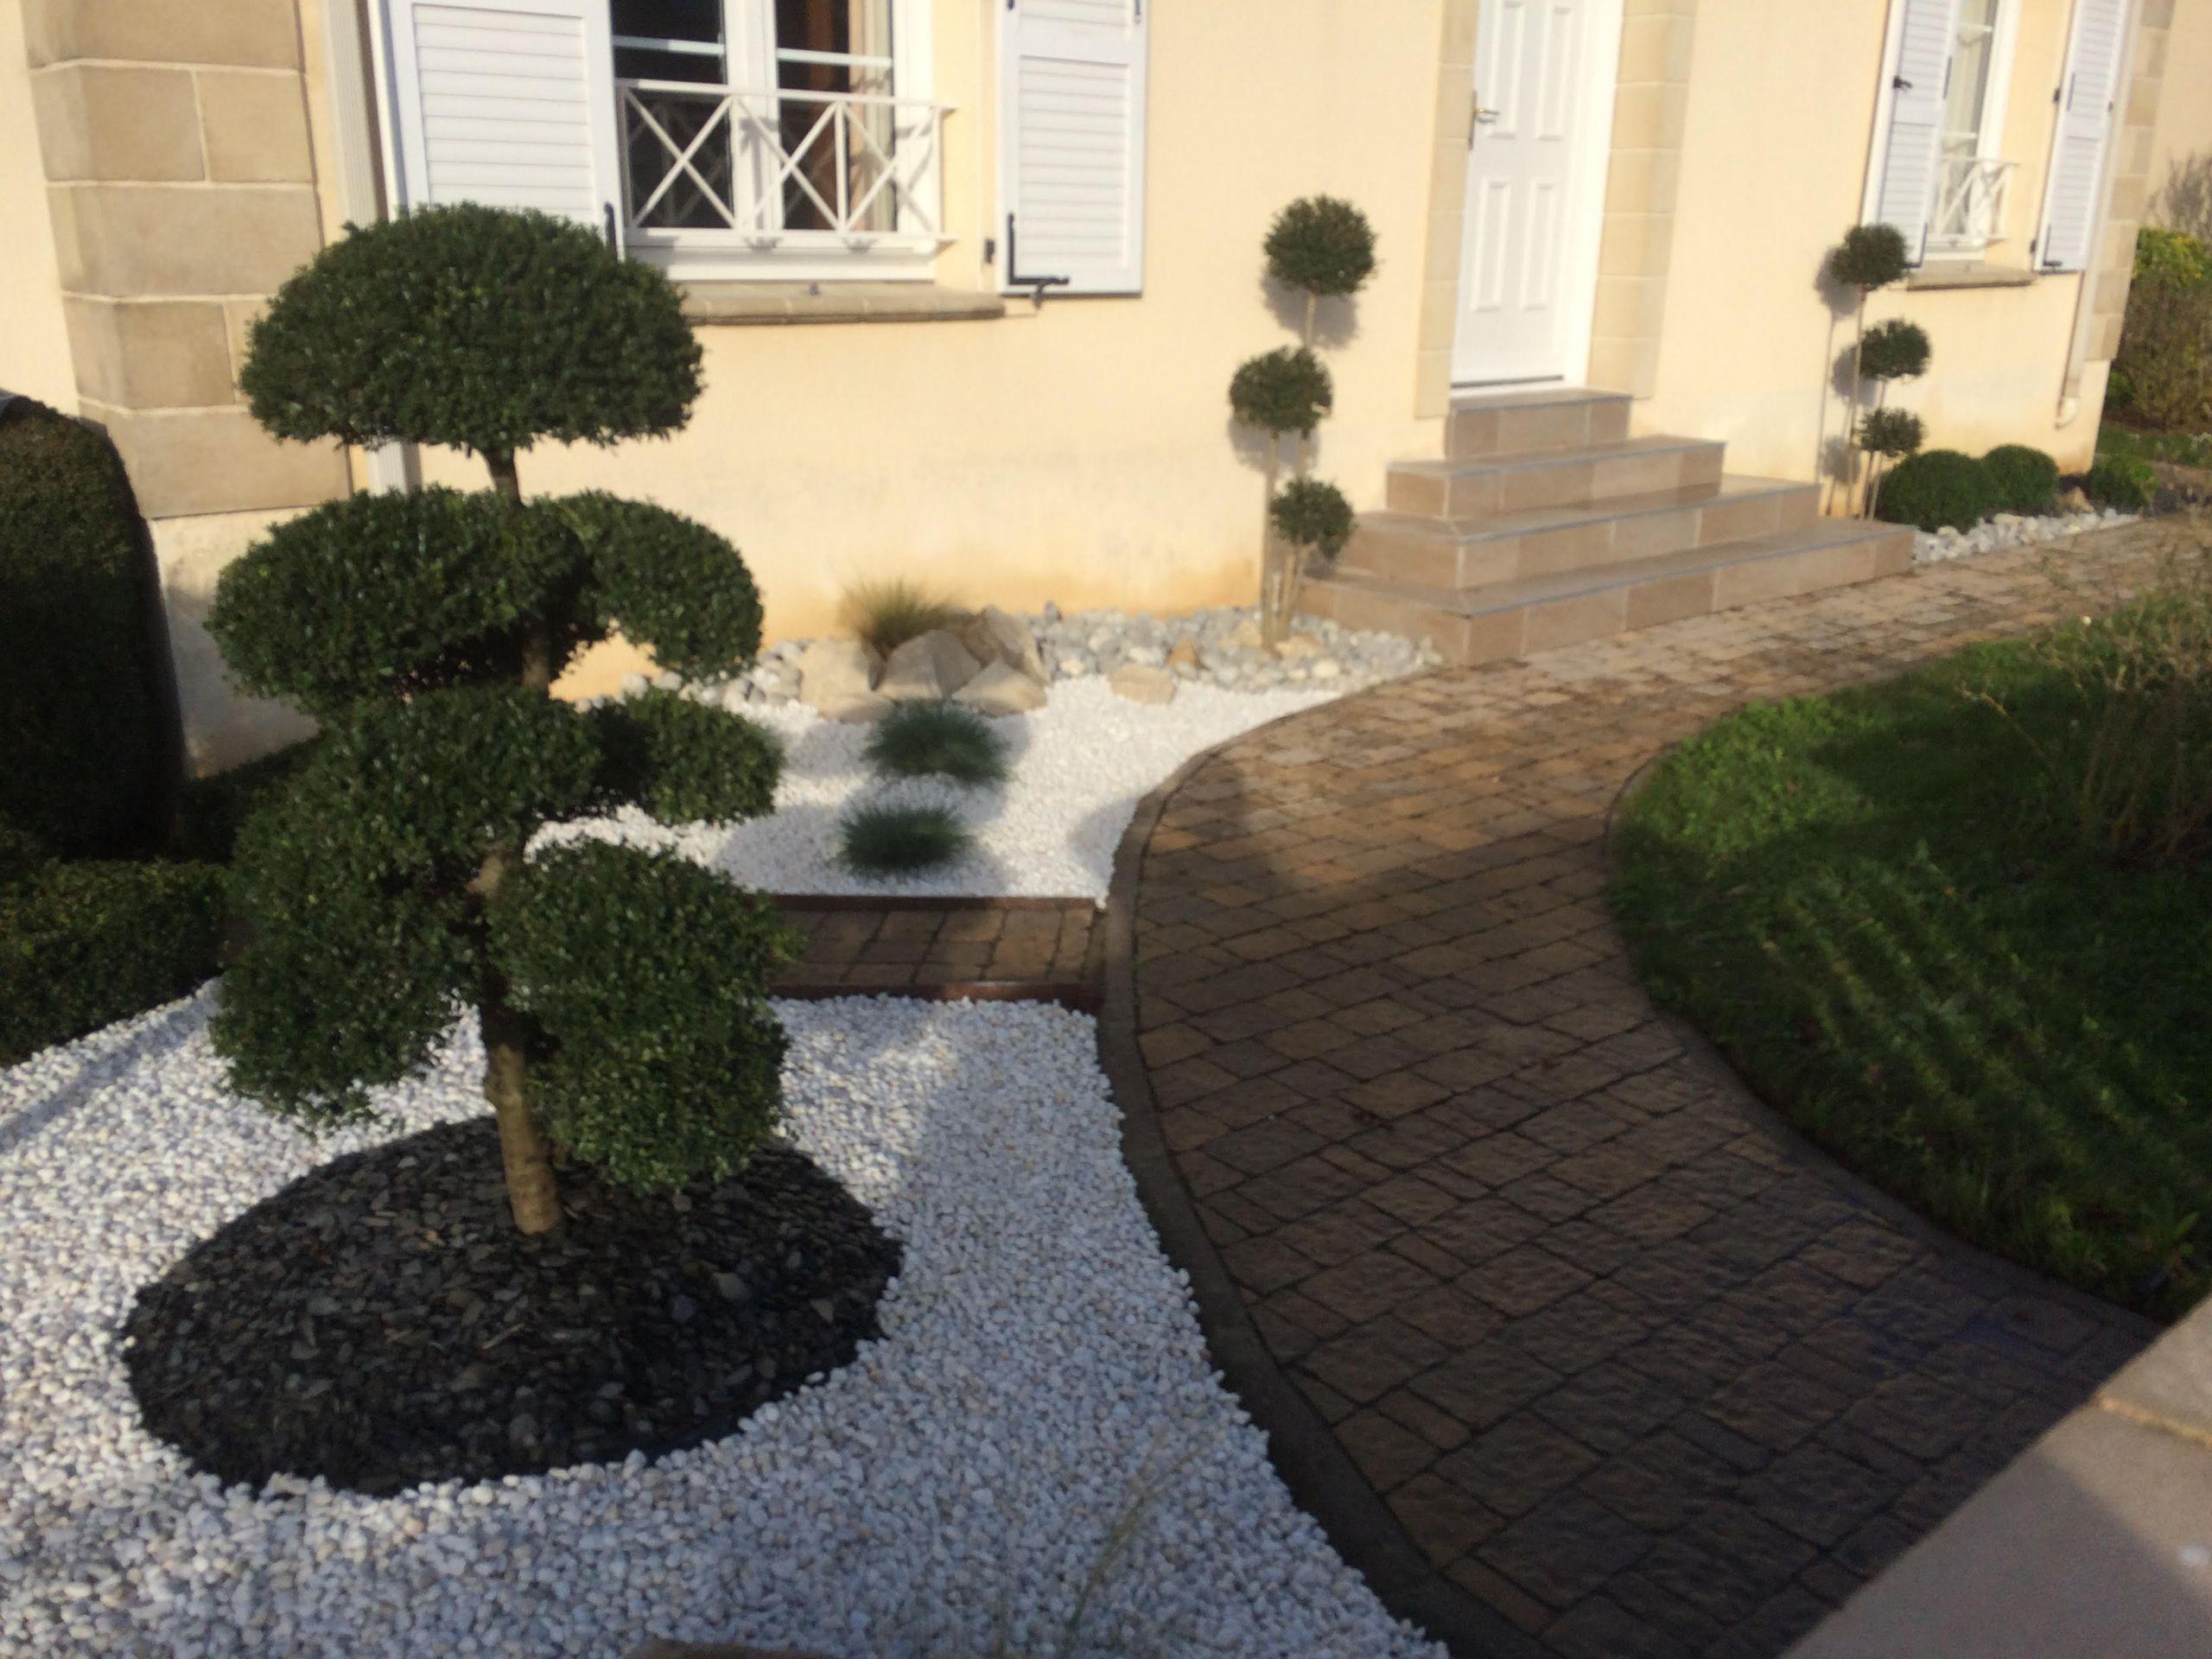 Aménagement Extérieur Entrée Maison aménagement extérieur entrée maison créations plantations